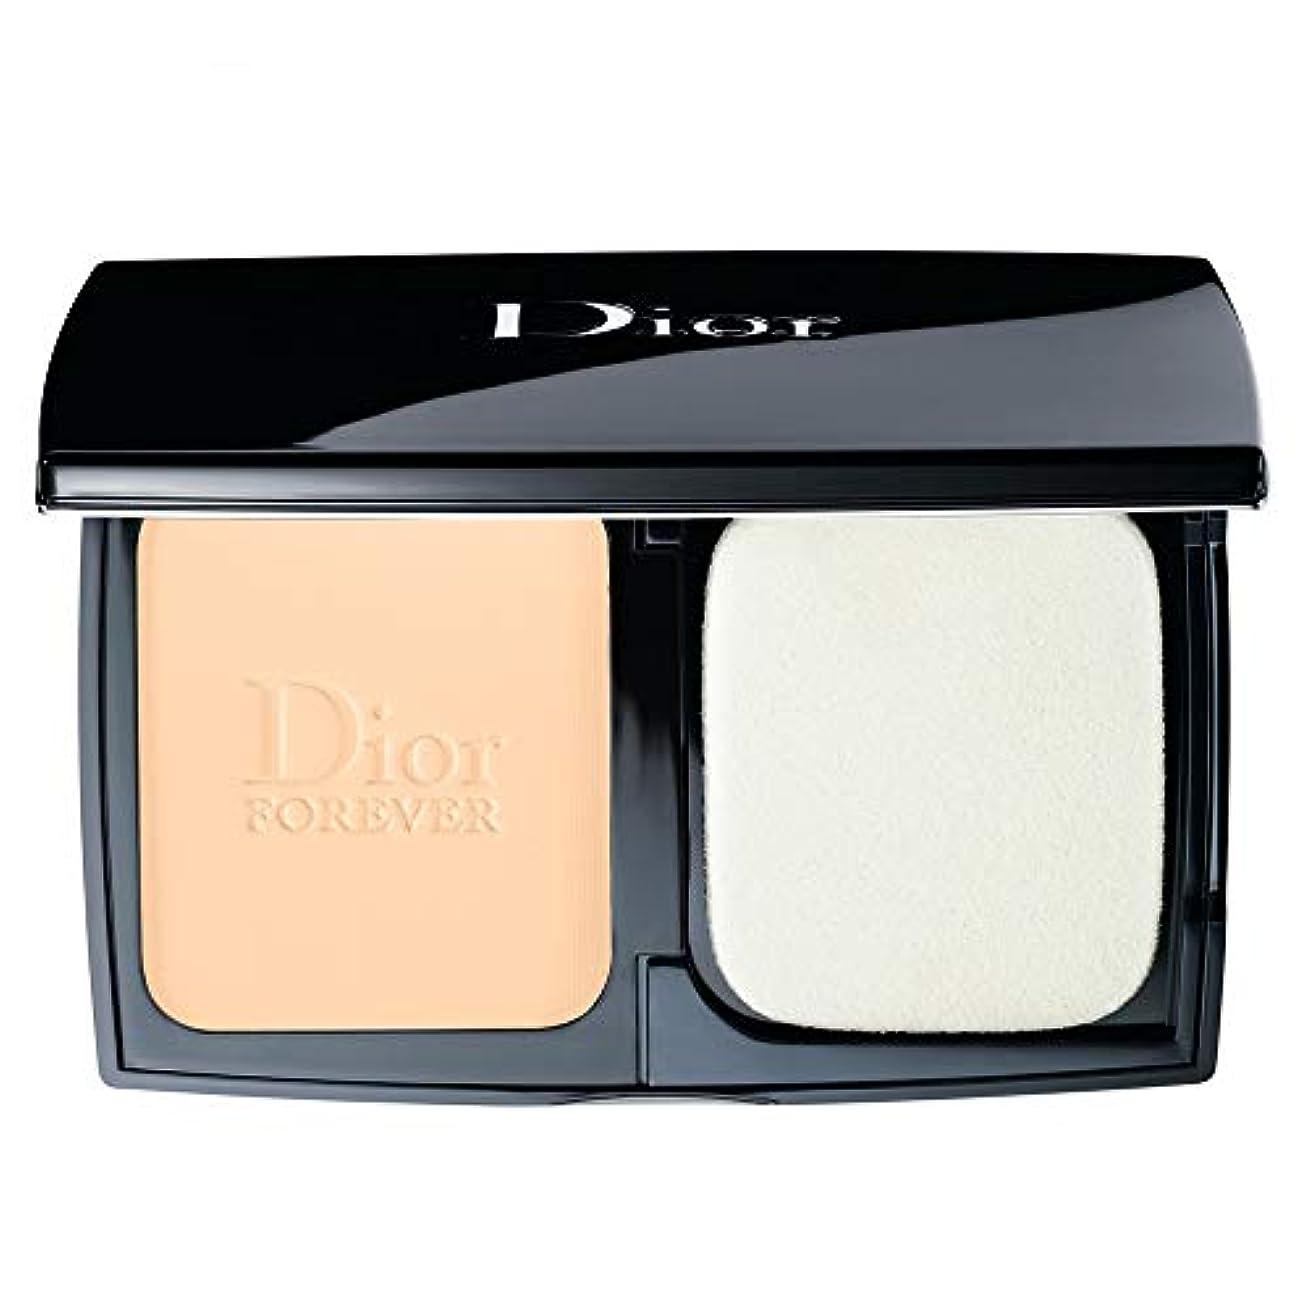 島ハムジーンズクリスチャンディオール Diorskin Forever Extreme Control Perfect Matte Powder Makeup SPF 20 - # 010 Ivory 9g/0.31oz並行輸入品